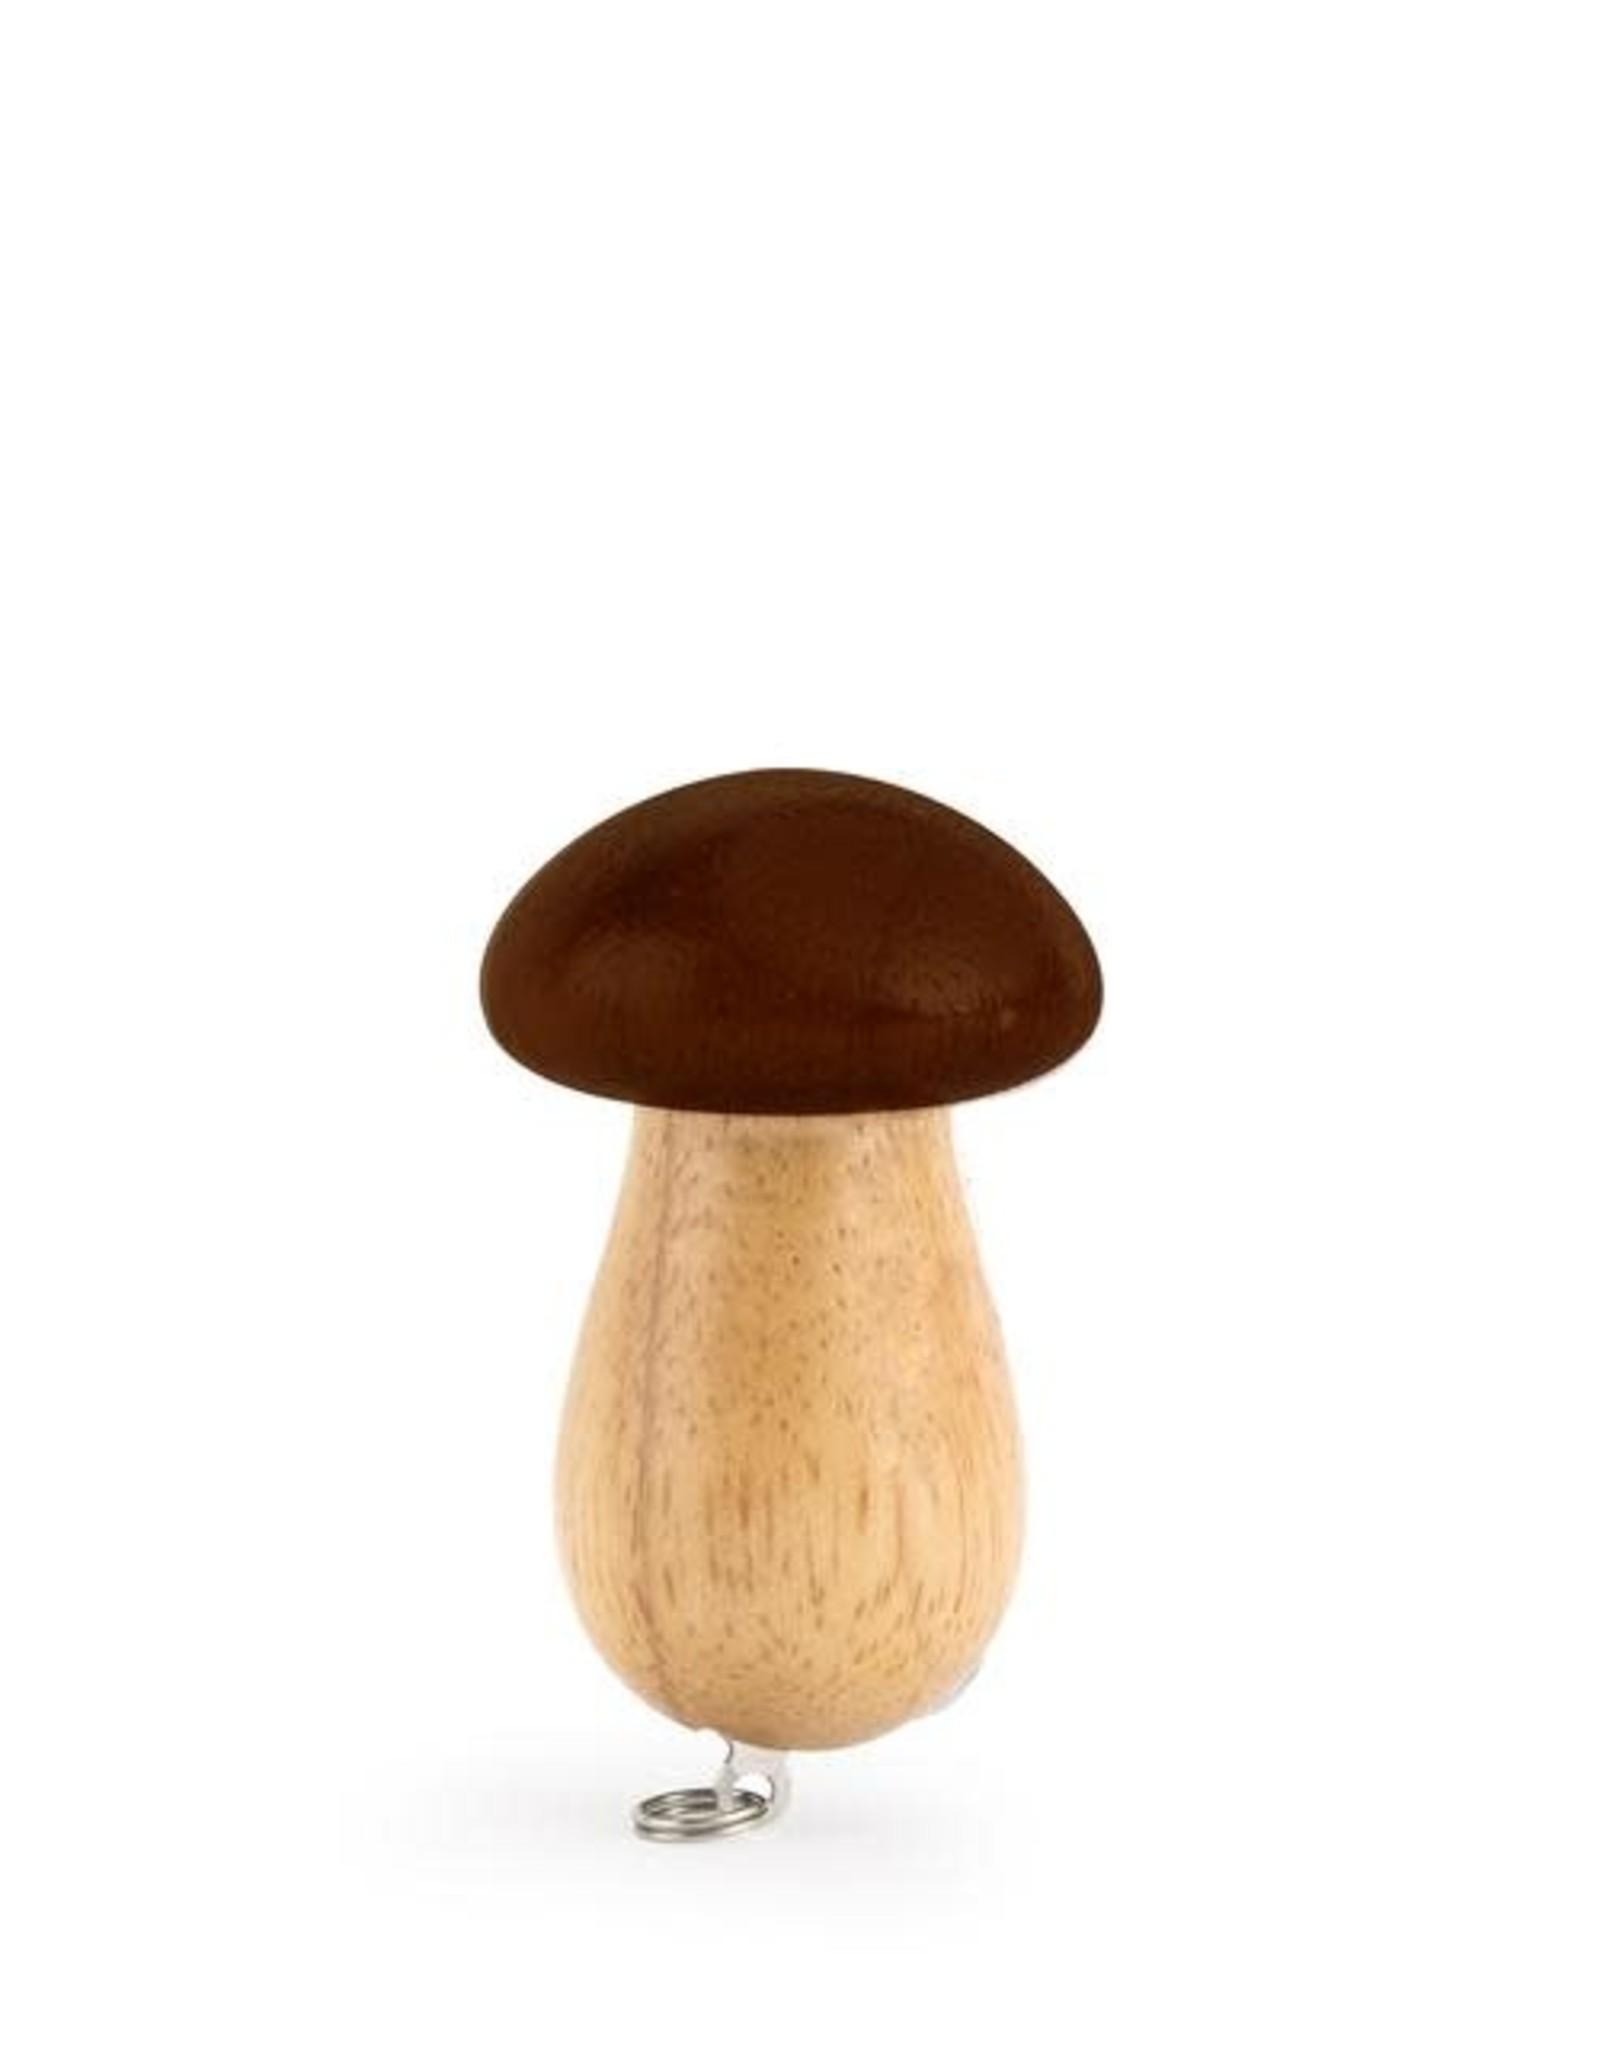 Kikkerland Mushroom Hunters Tool Keychain - Kikkerland